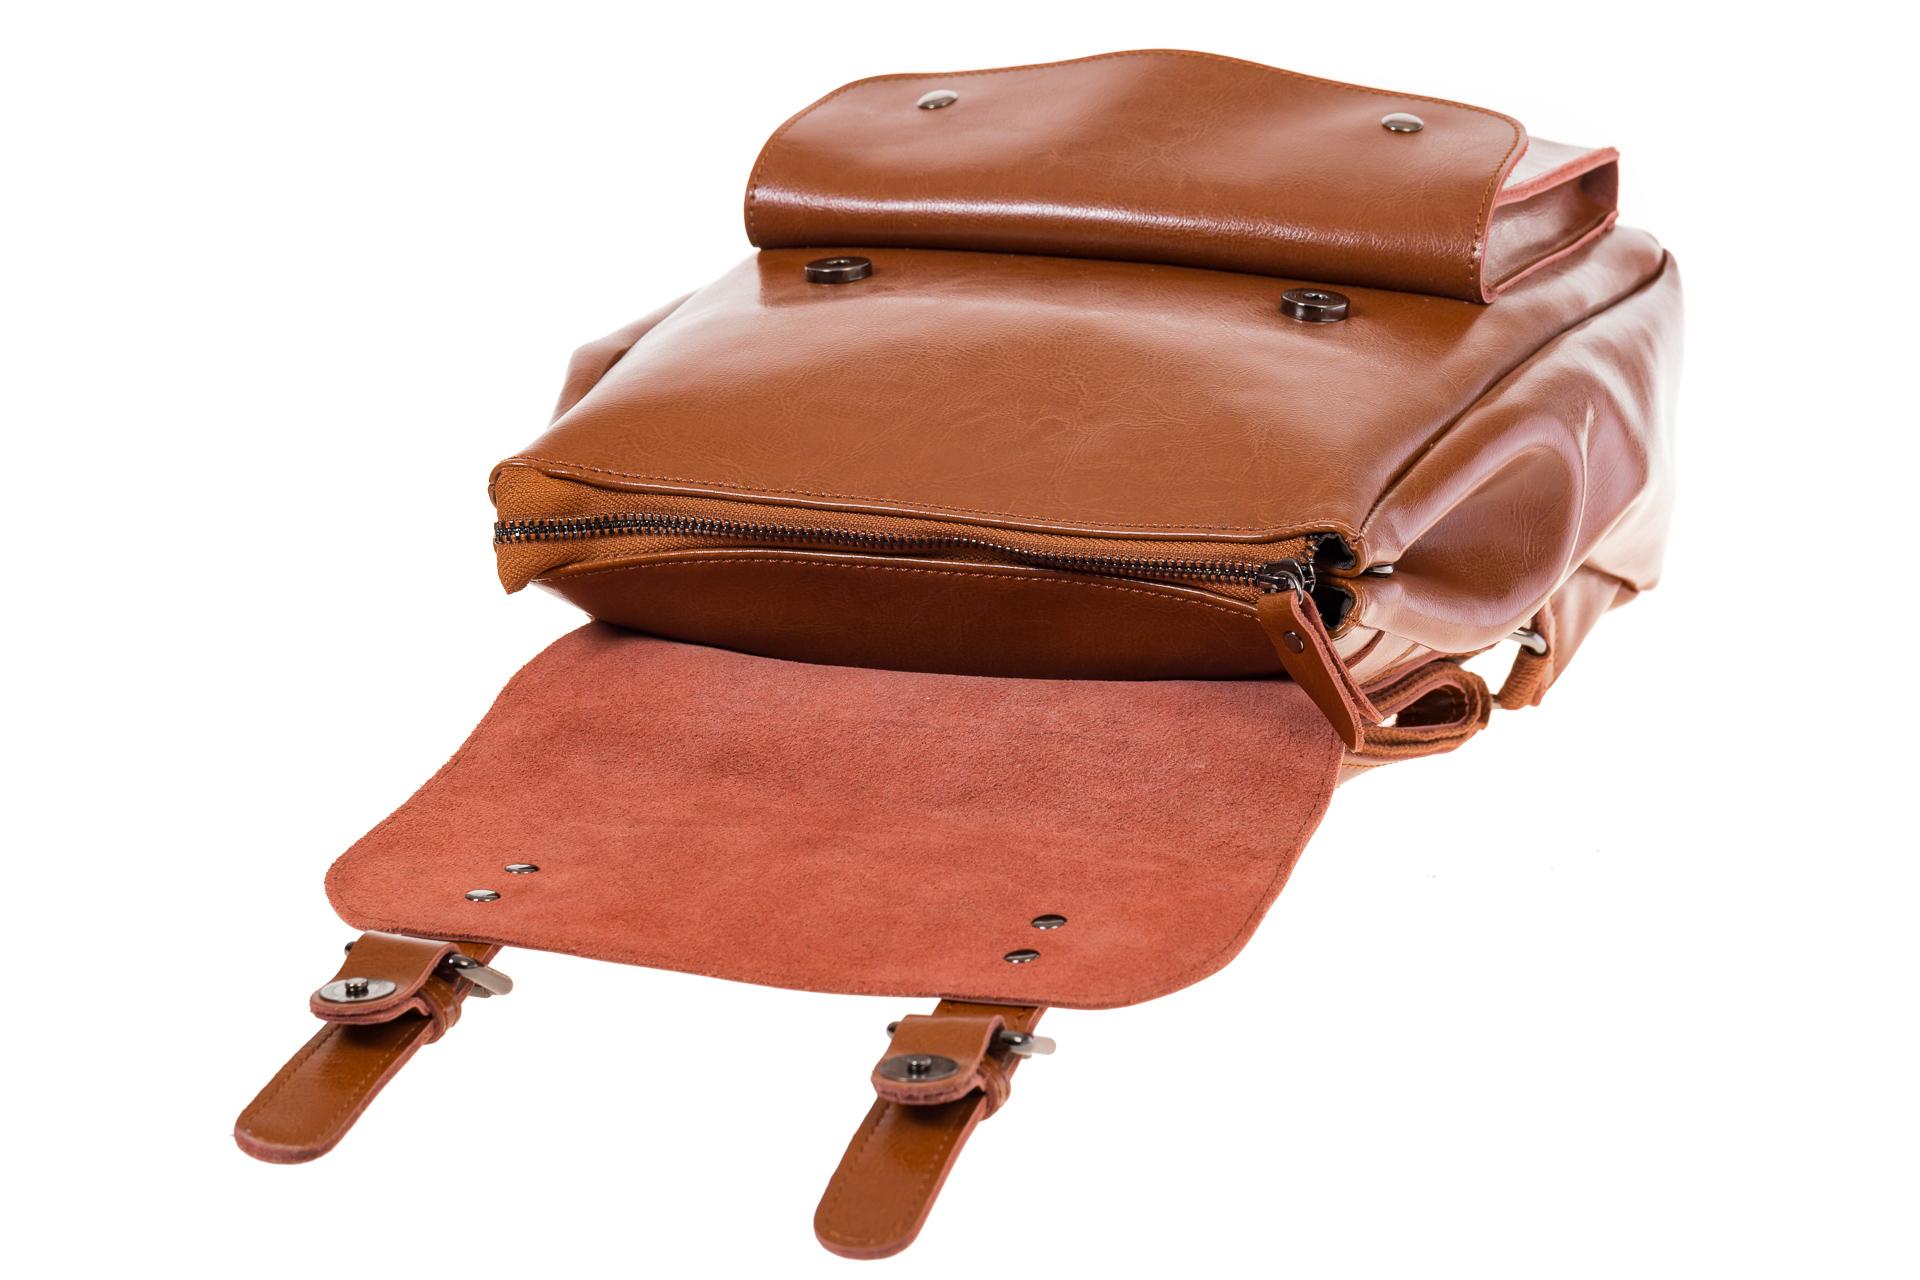 Купить оптом рюкзак из натуральной кожи с верхним клапаном, цвет коньячный, фото изнутри